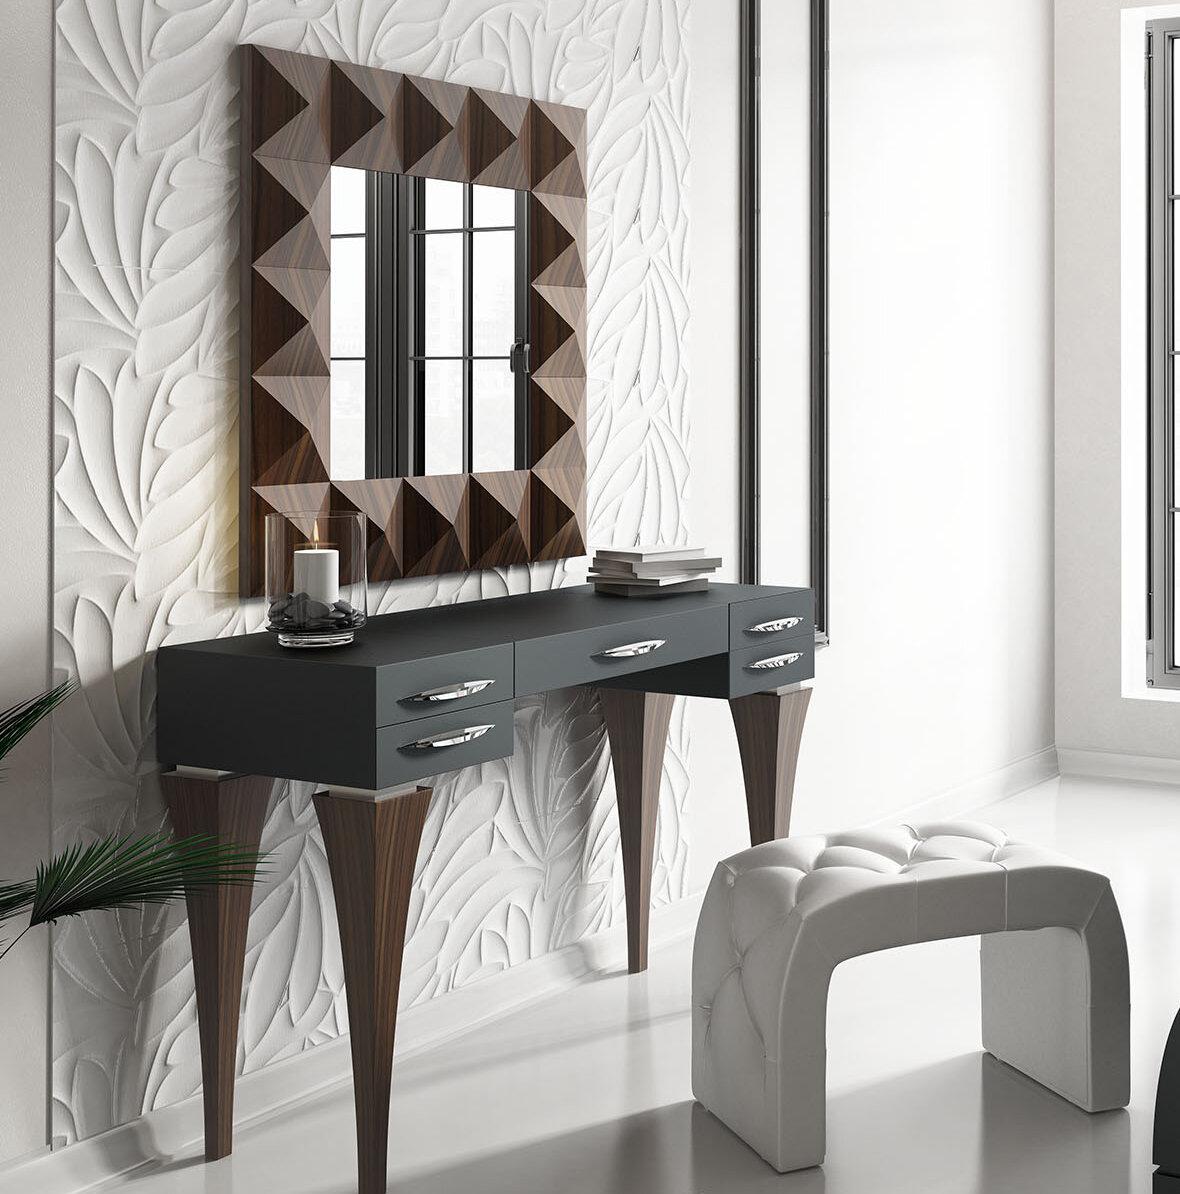 Brayden studio fallinerlea bedroom makeup vanity set with mirror wayfair